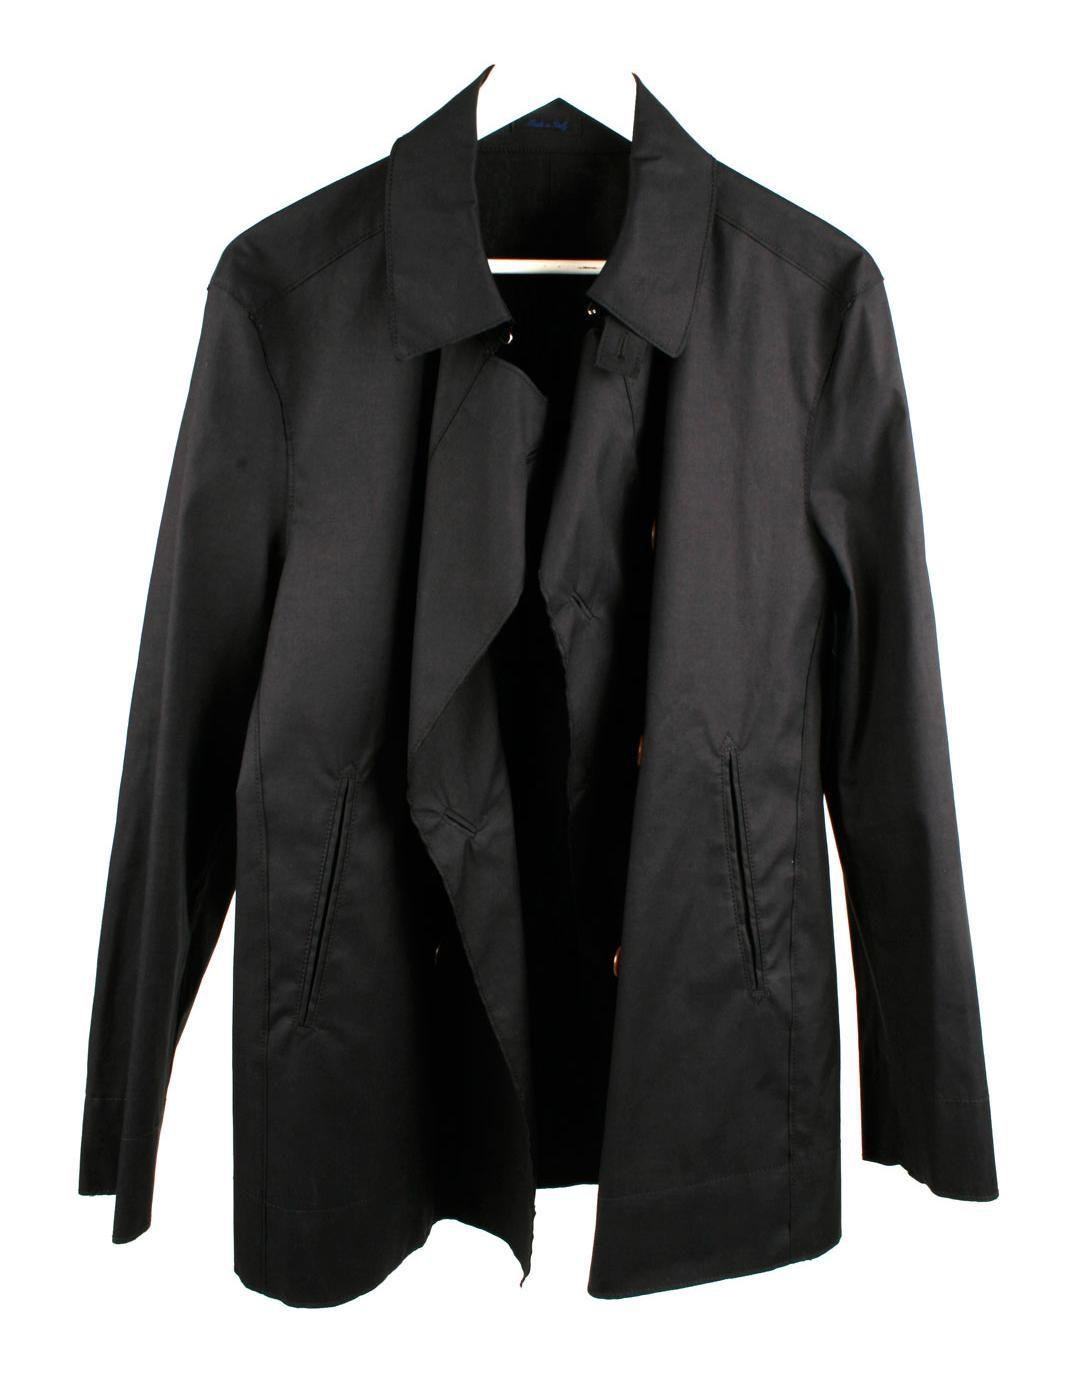 Abrigo azul marino tres cuartos, tiene solapas, con corchete en el ...